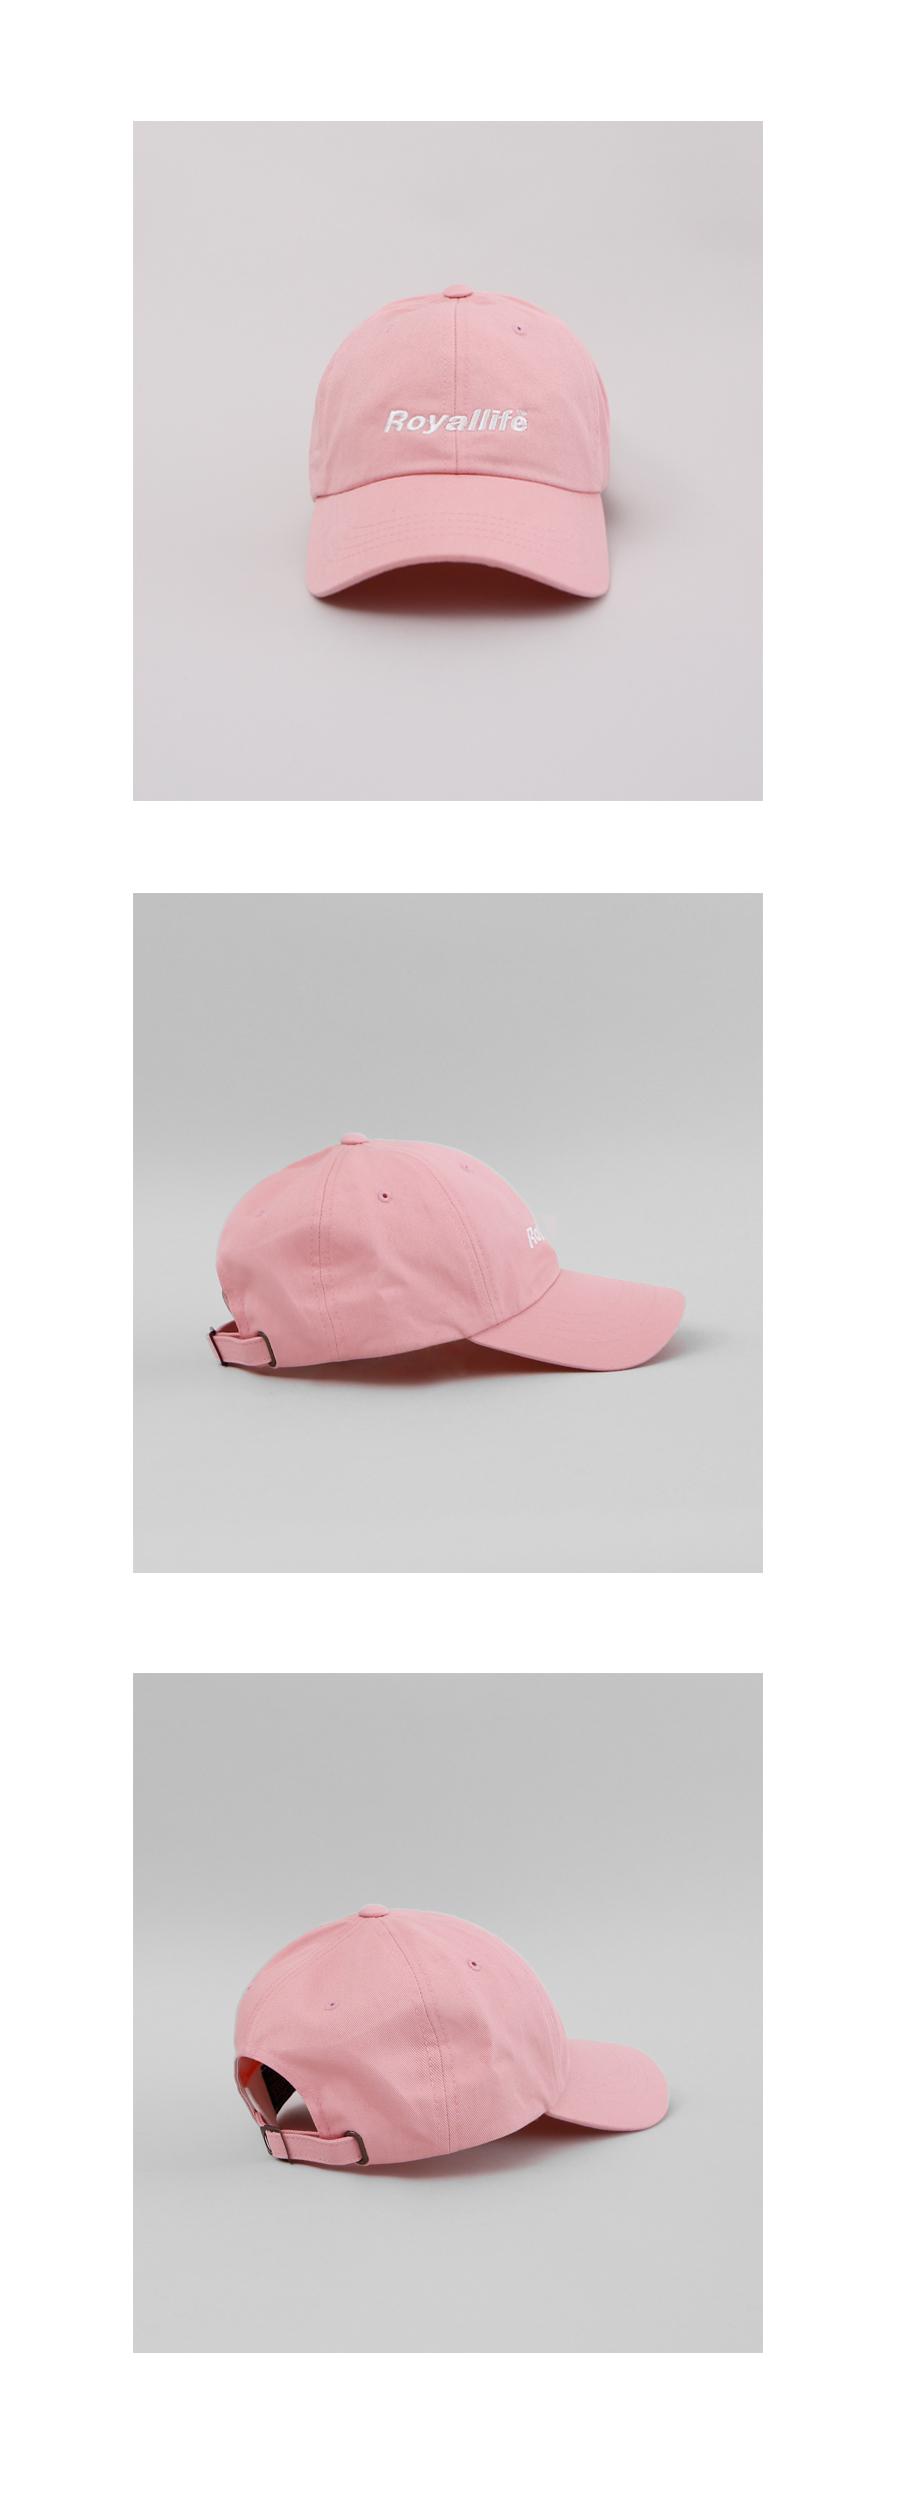 로얄라이프(ROYALLIFE) RLBC500 오리지널 로고 볼 캡 - 핑크